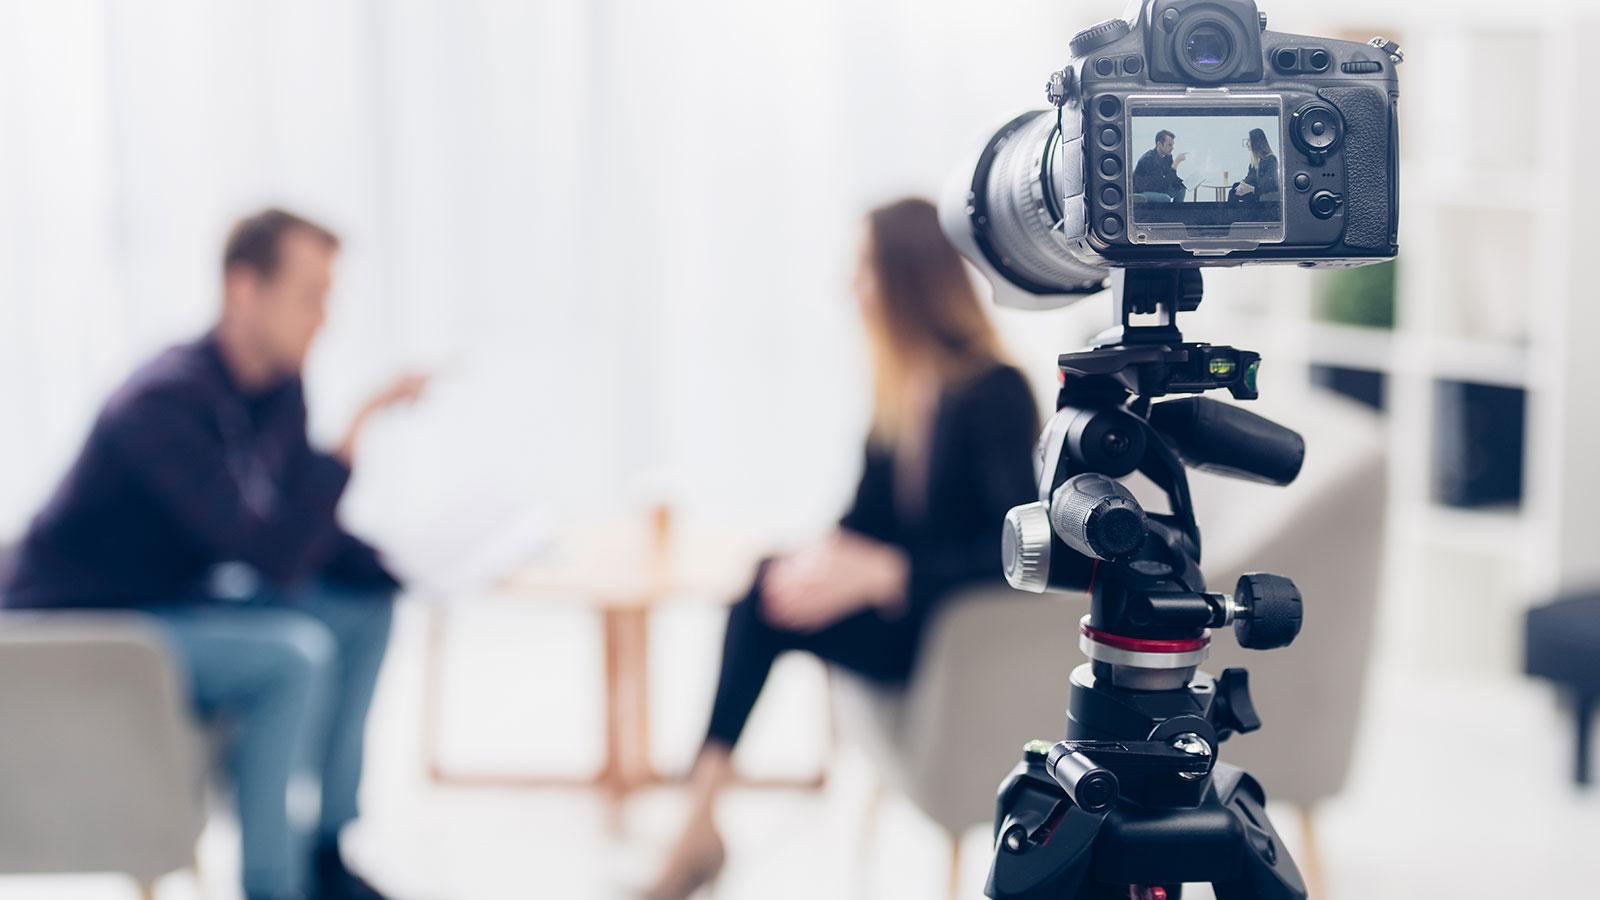 dumela video inspirar marketing 2 3 - 5 ideias de conteúdo em vídeo para inspirar o marketing da sua empresa